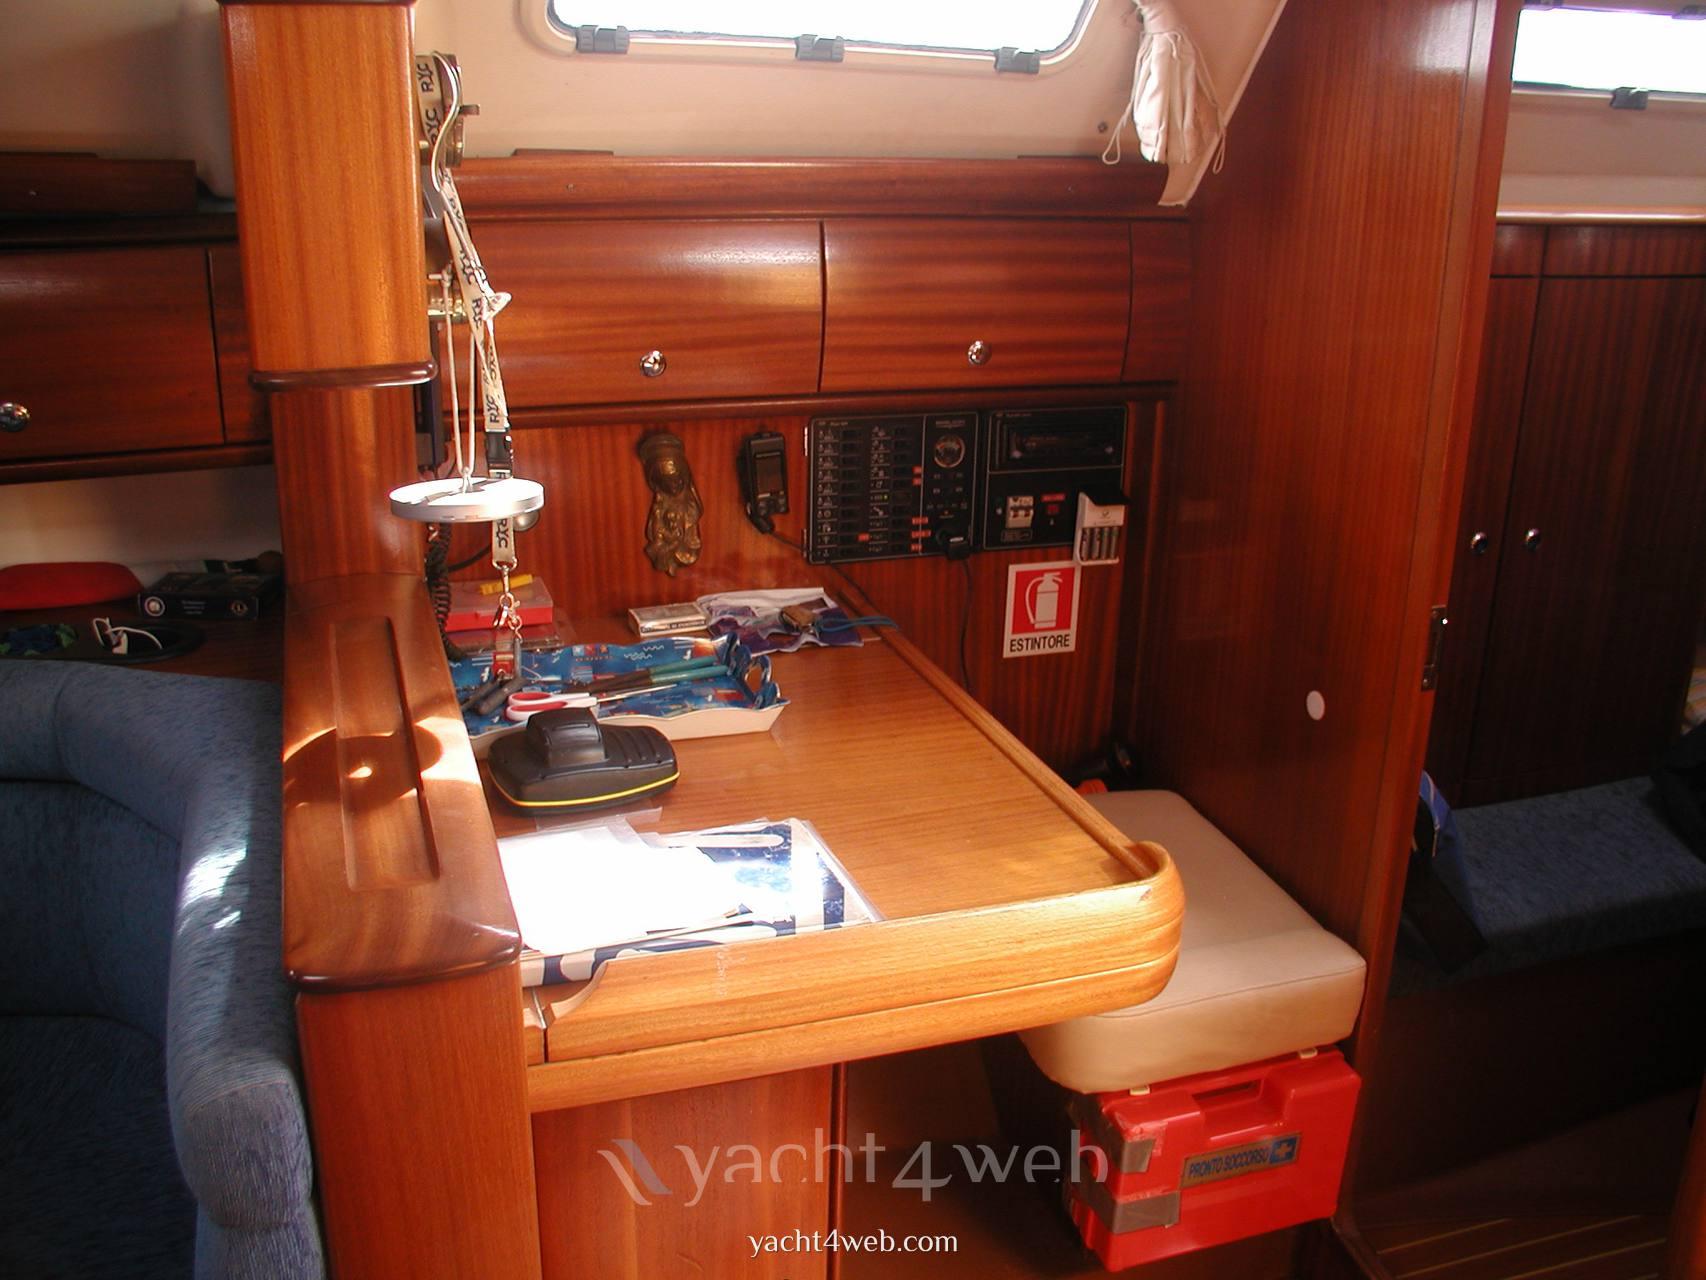 Bavaria 38 Barca a vela usata in vendita